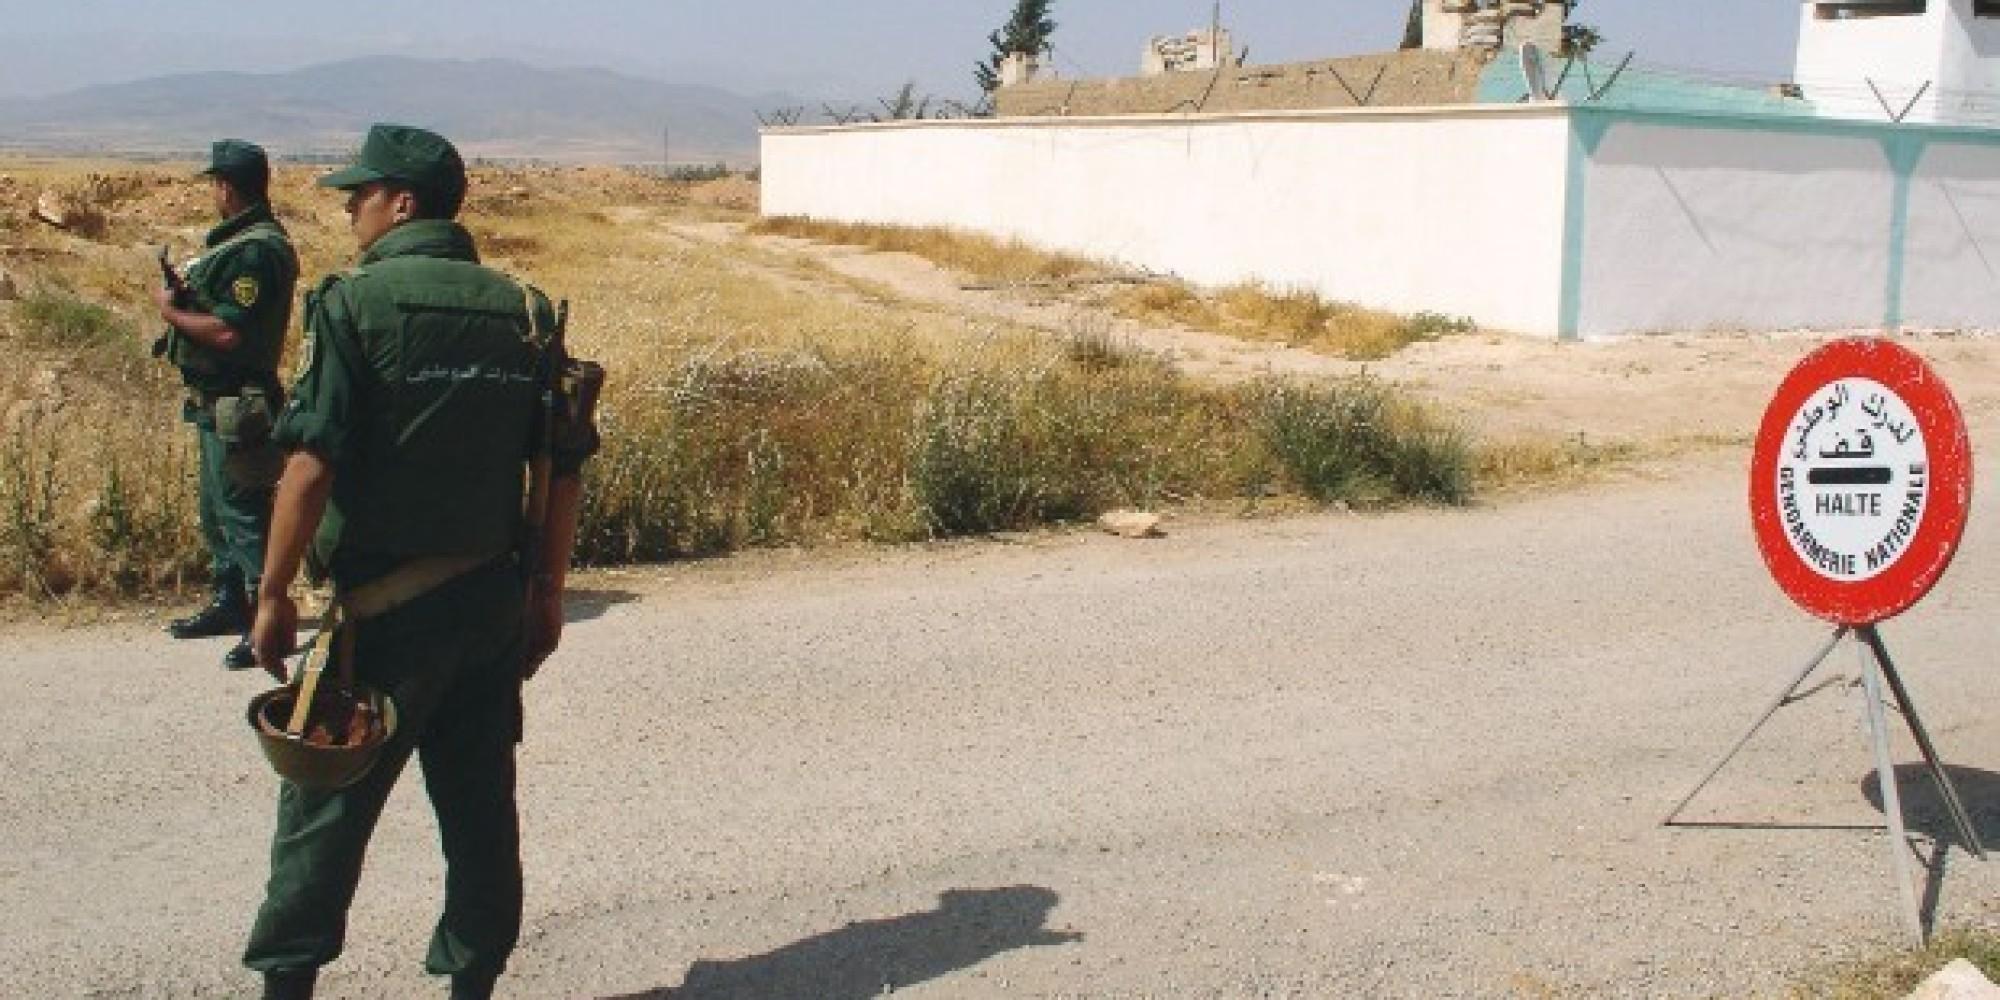 Attentat Facebook: Deux Tentatives D'attentat à La Bombe Déjouées à Sidi Aich